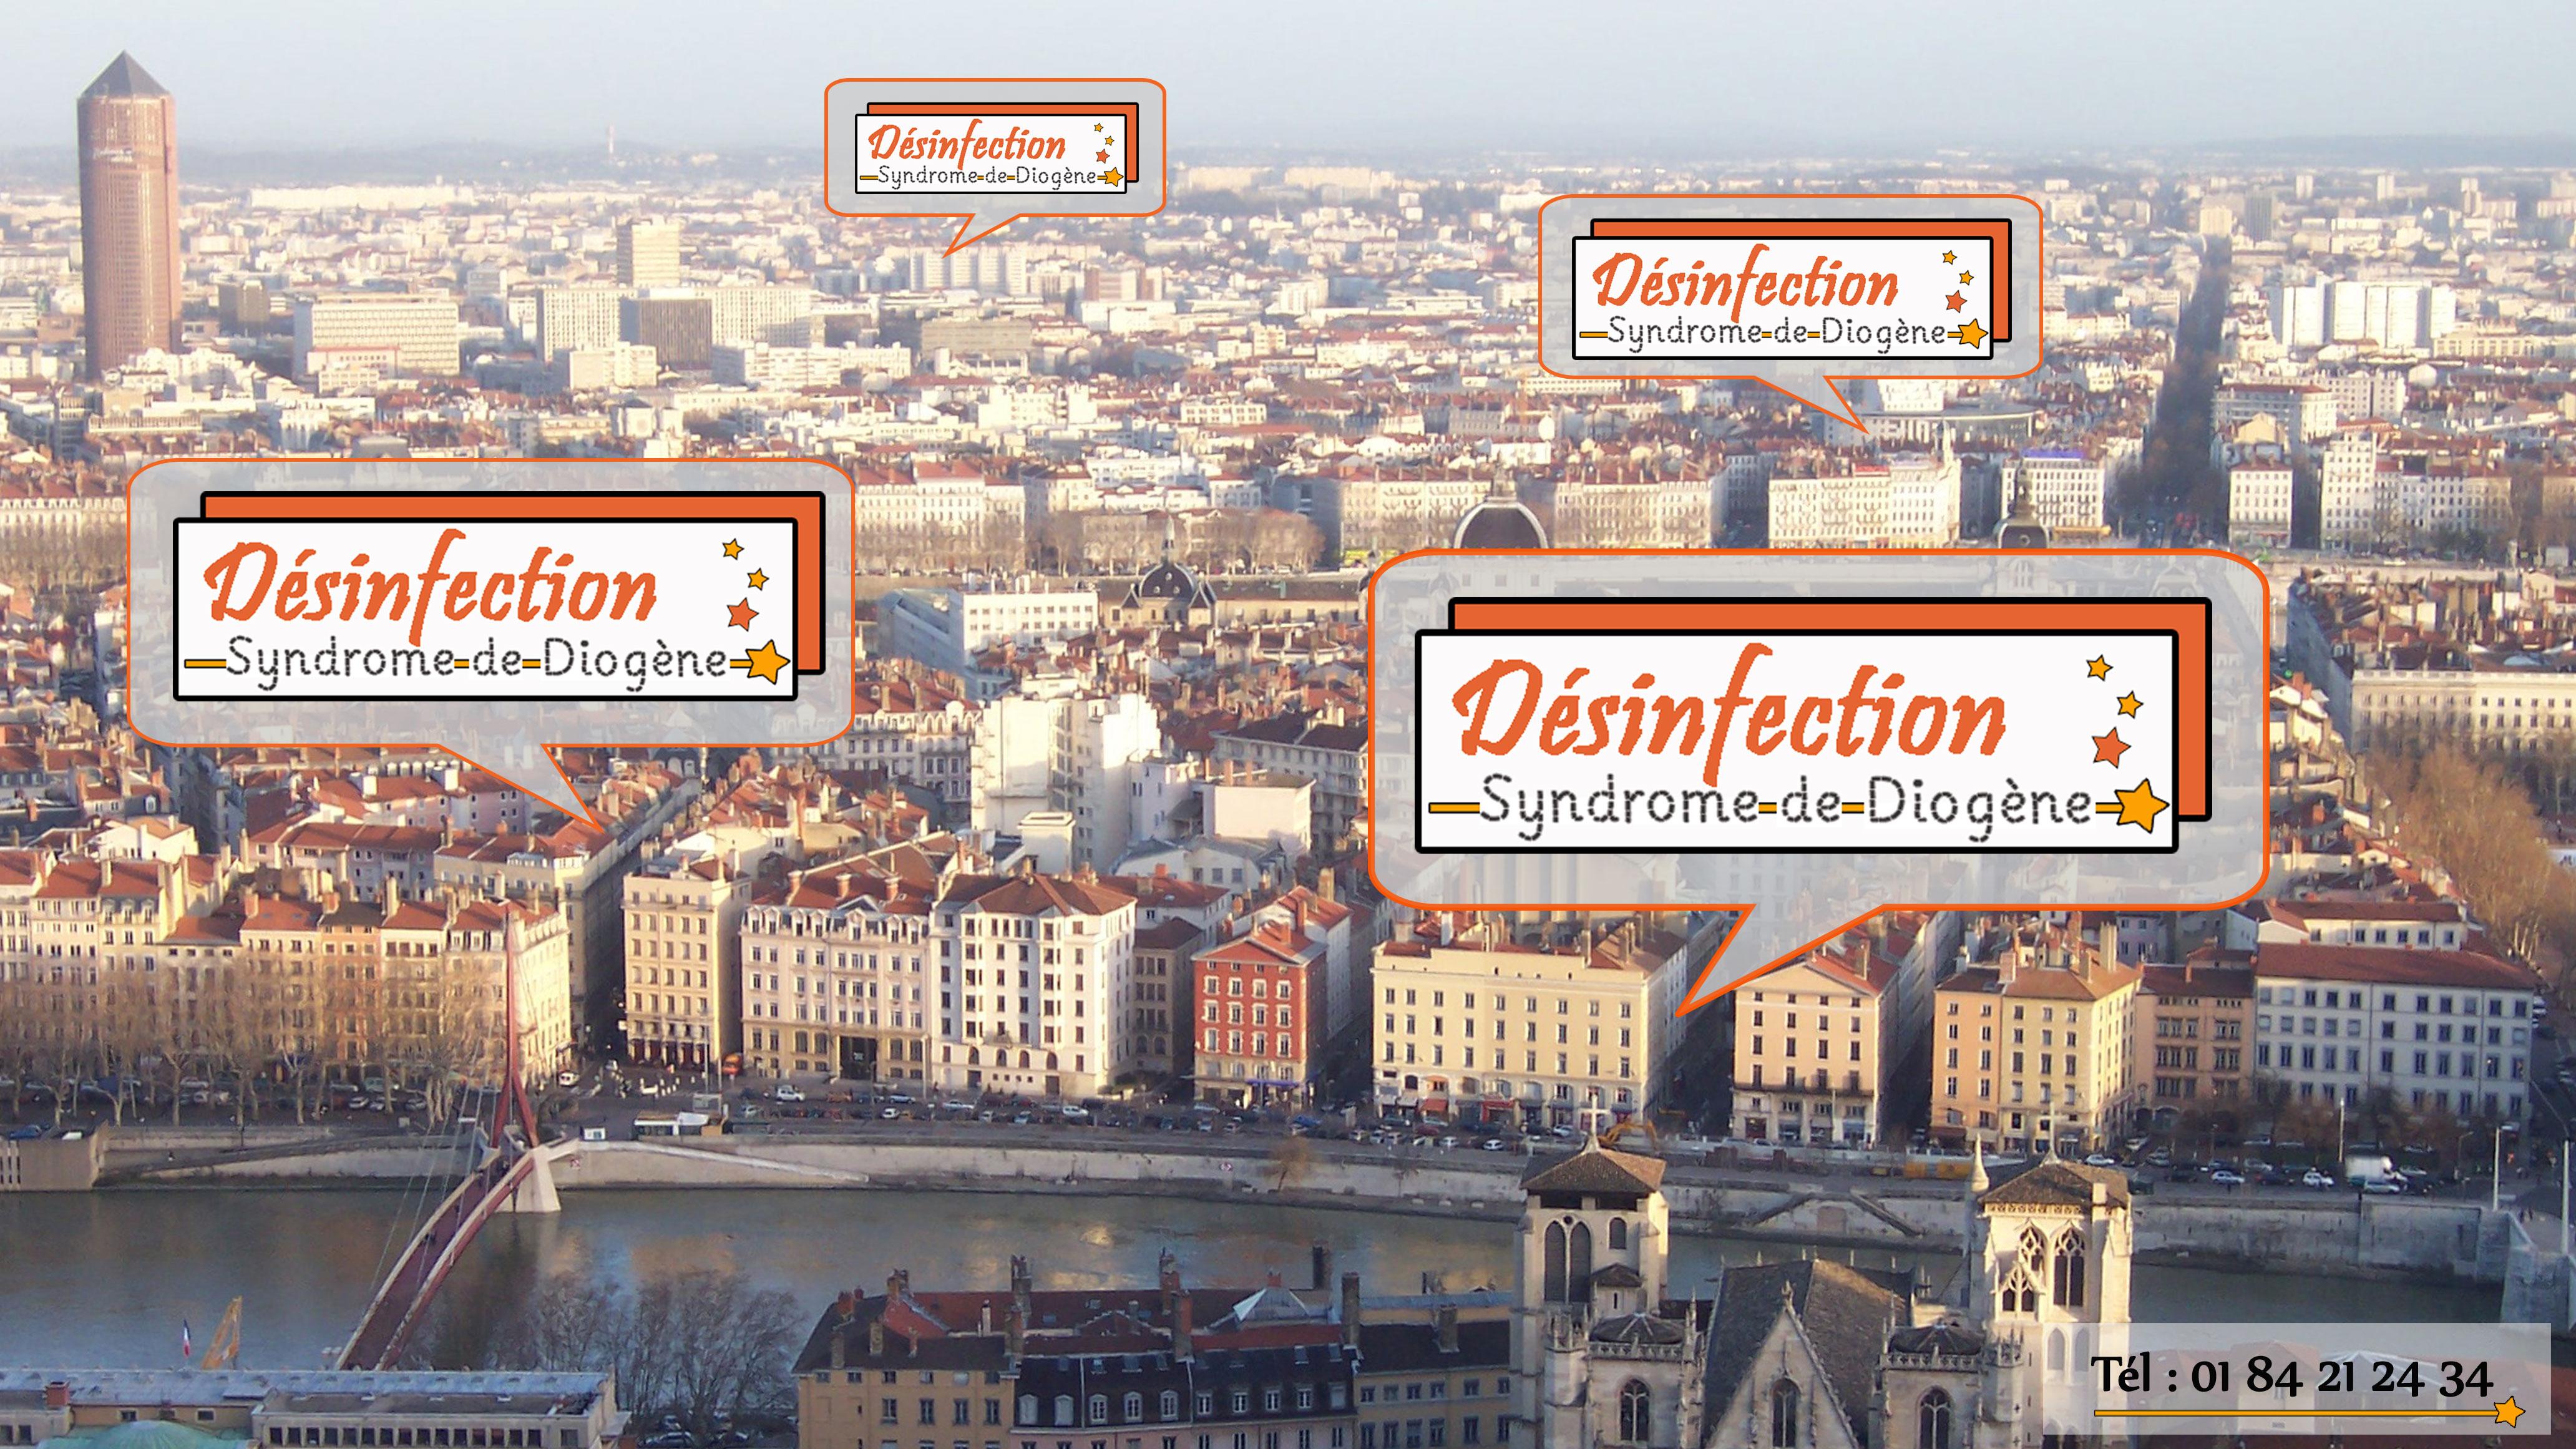 Entreprise de débarras et de désinfection à Lyon dans le cas d'un syndrome de diogène